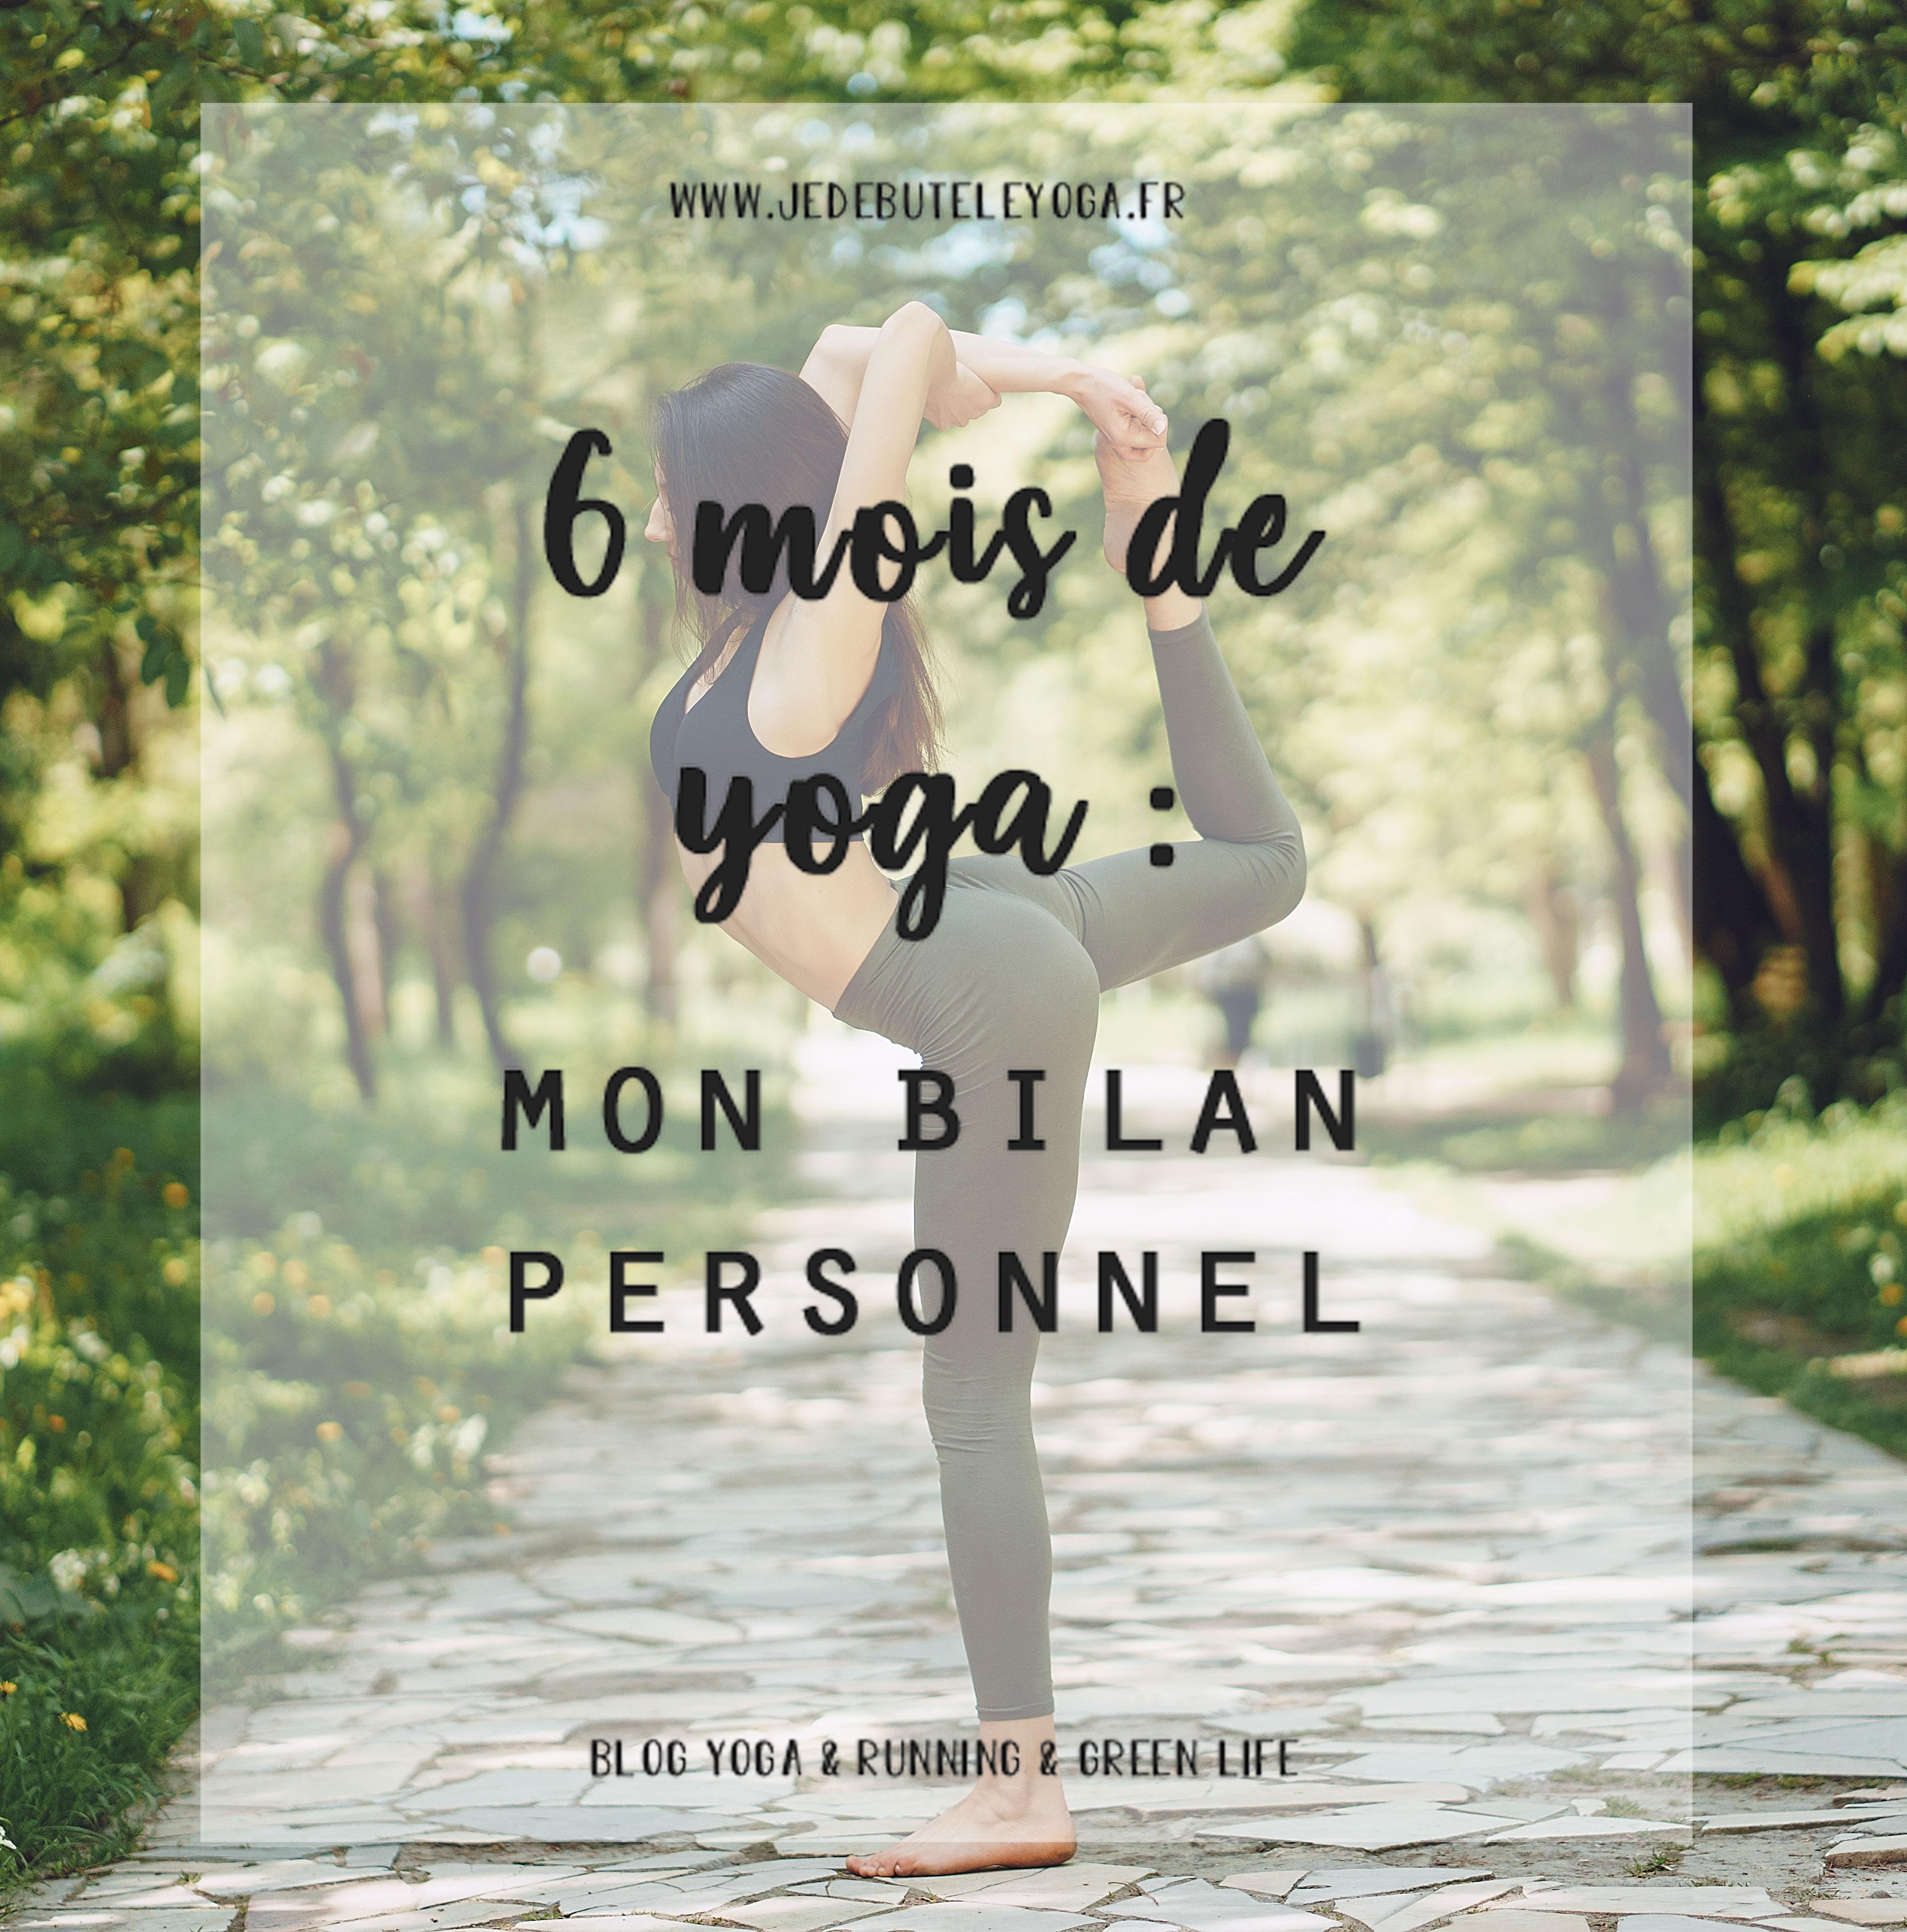 6 mois de yoga mon bilan personnel